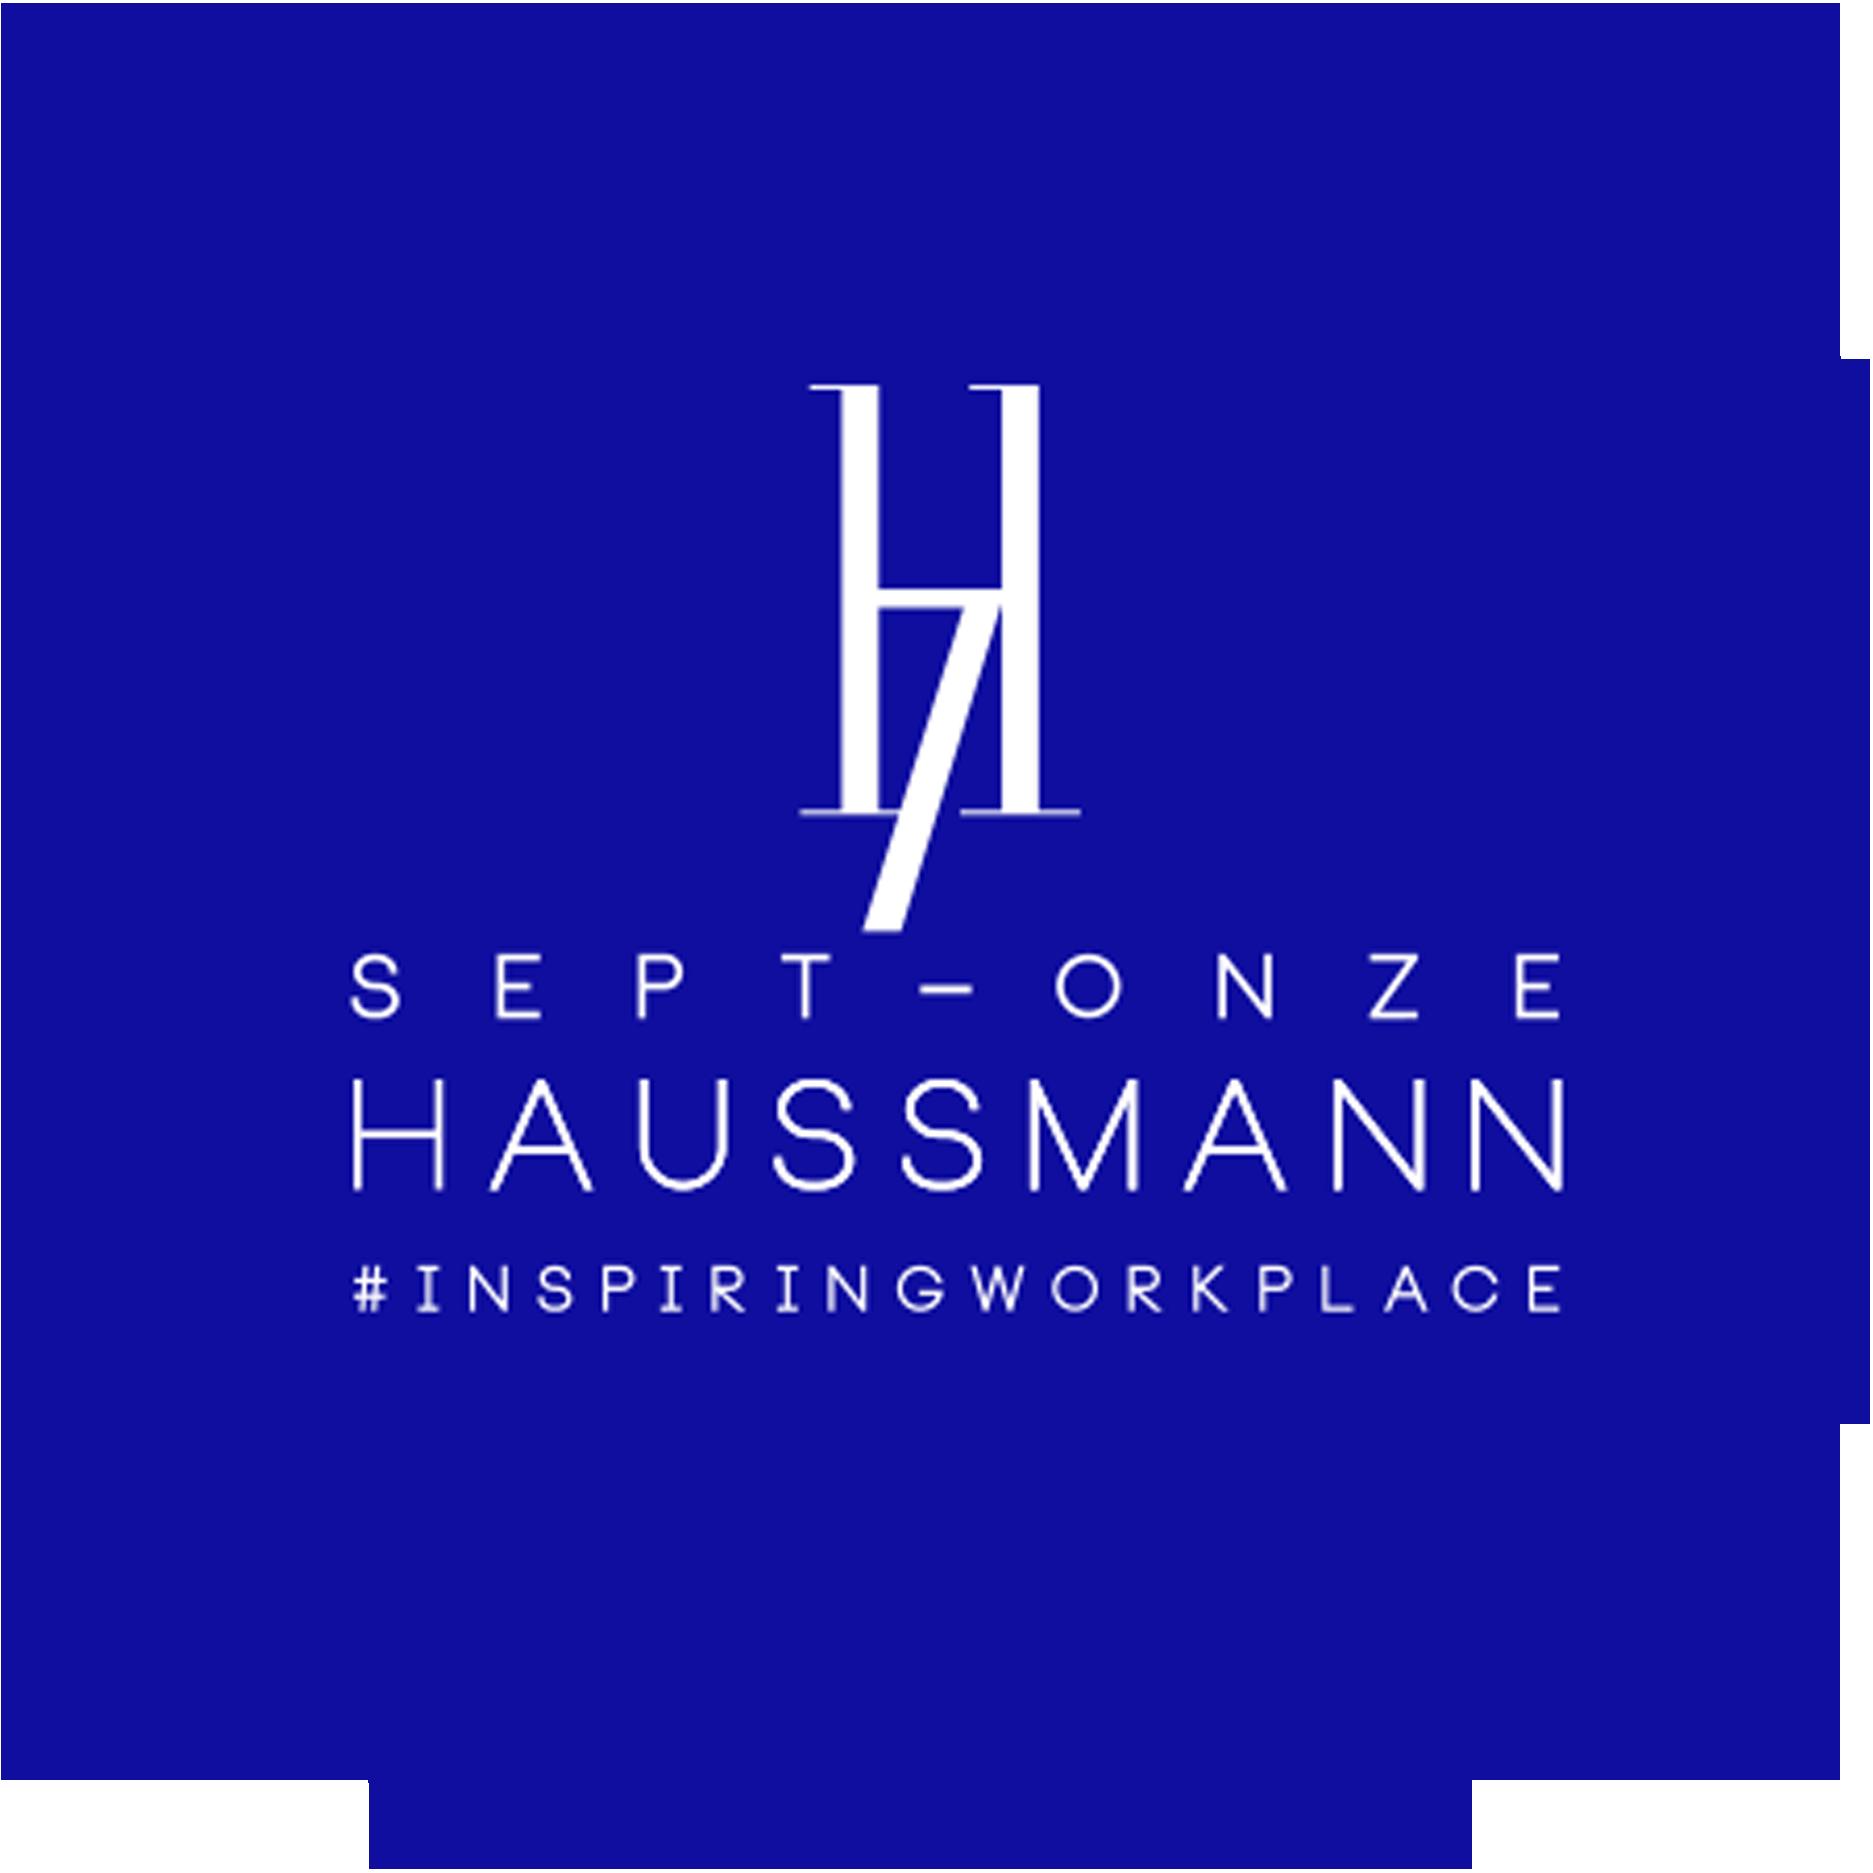 Logo 7-11 Haussmann.png